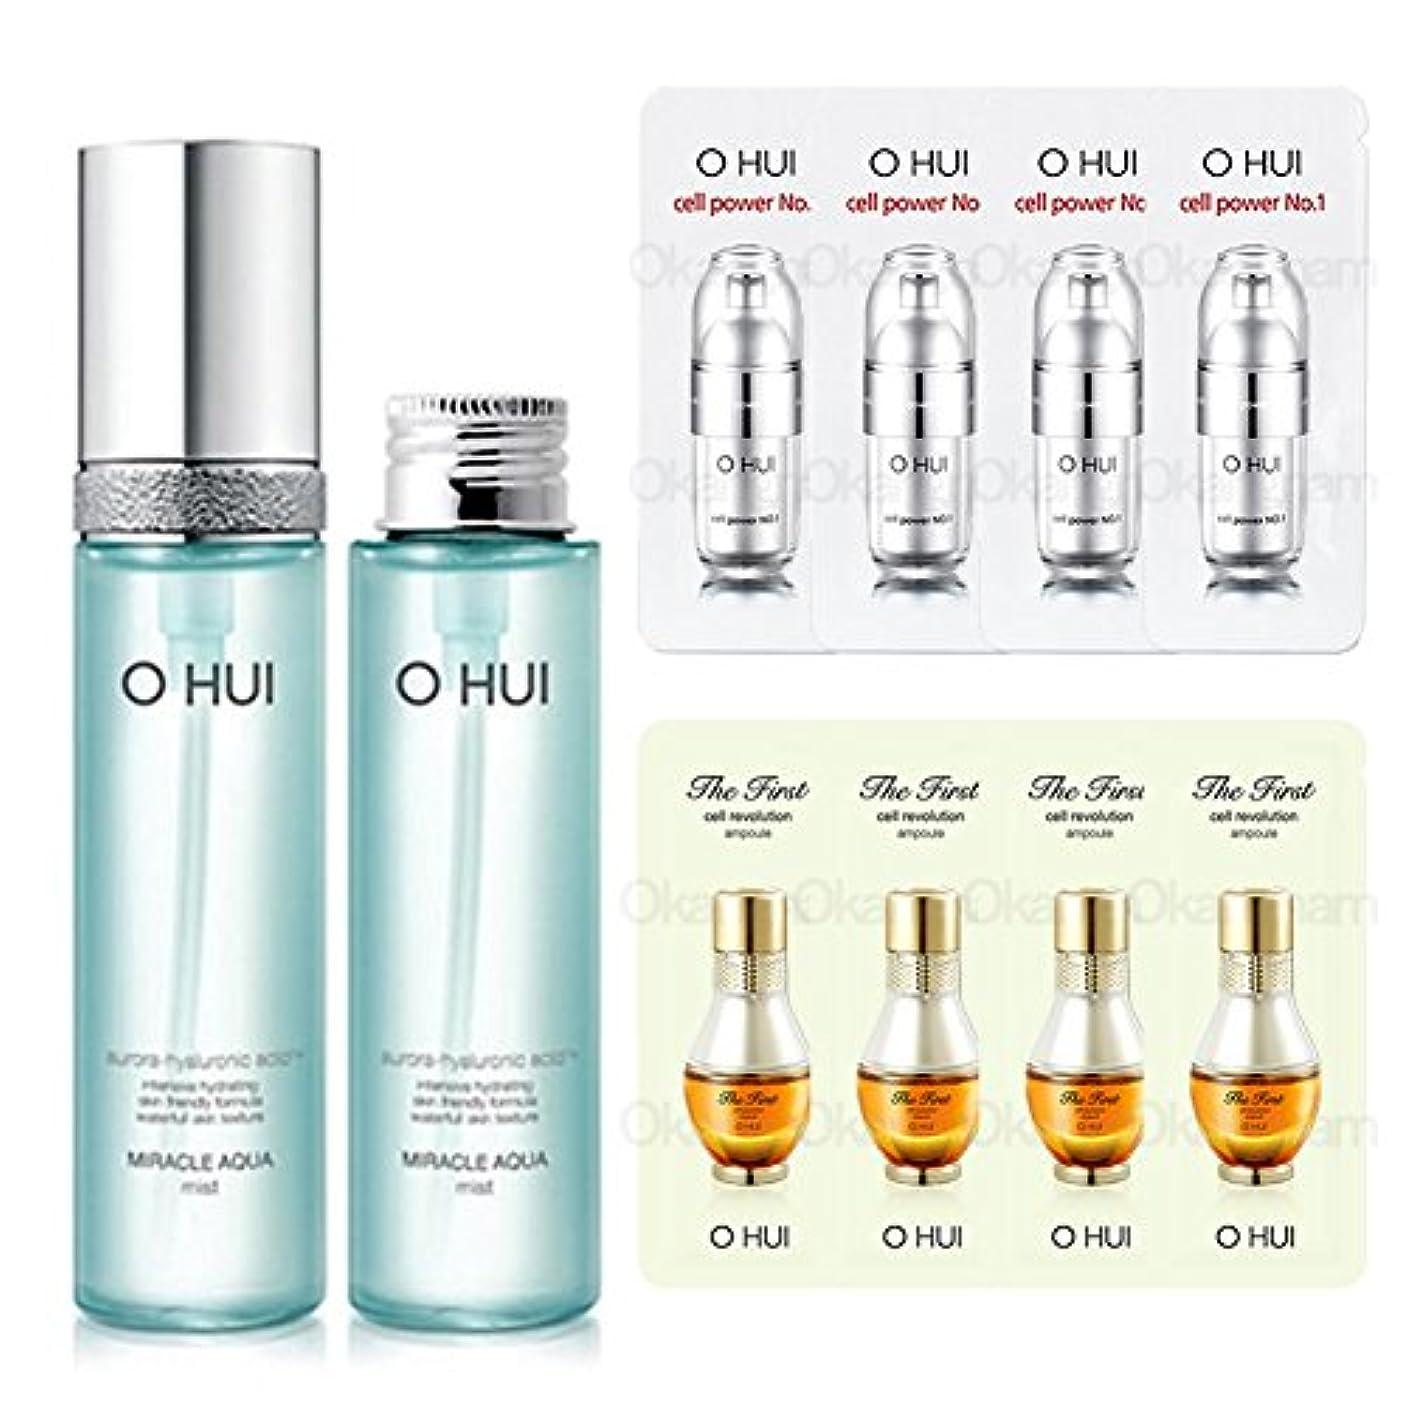 とてもスクレーパースプレー[オフィ/ O HUI]韓国化粧品 LG生活健康/ OHUI OMA05 Miracle Aqua Mist/ミラクルアクアミスト50mlx2個 +[Sample Gift](海外直送品)